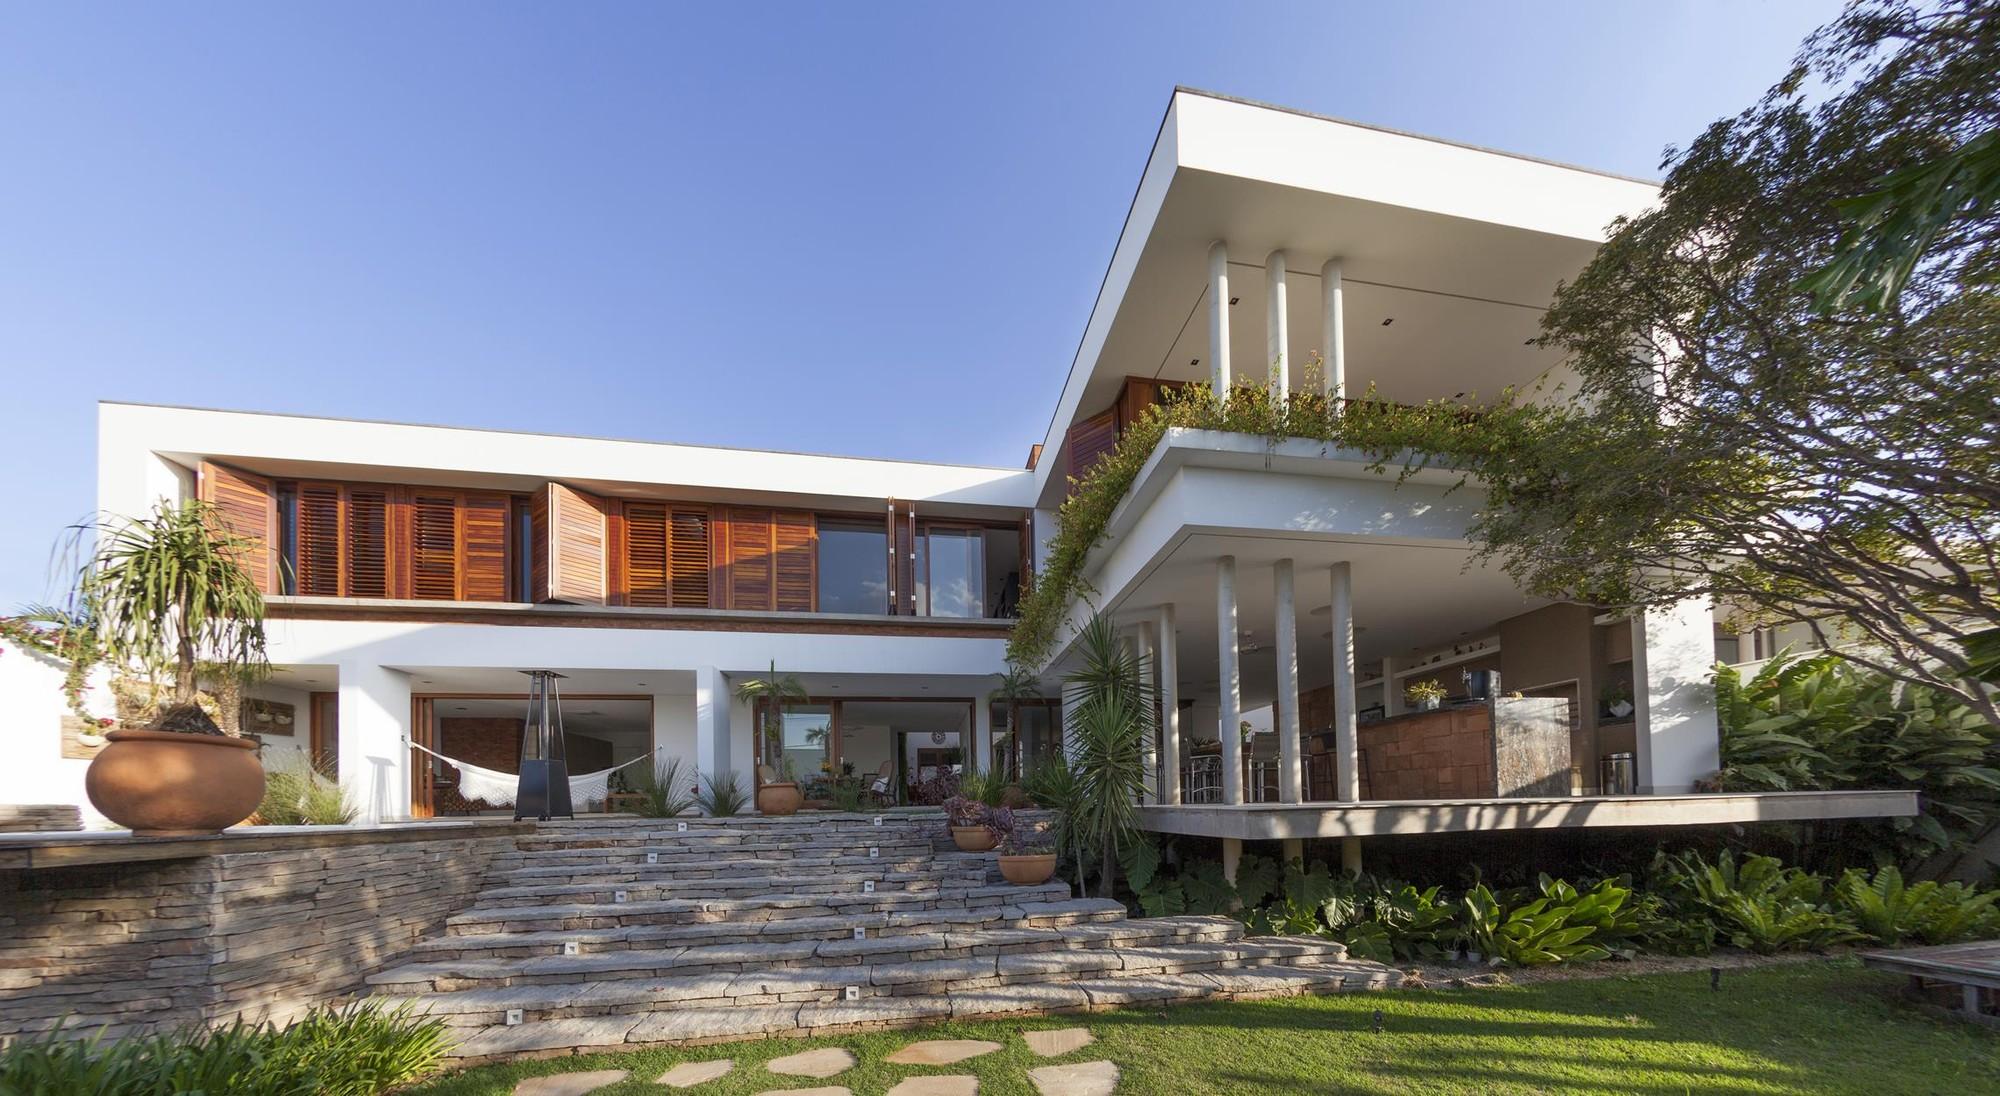 Casa Pitangueira / Steck Arquitetura, © Tácito Carvalho e Silva